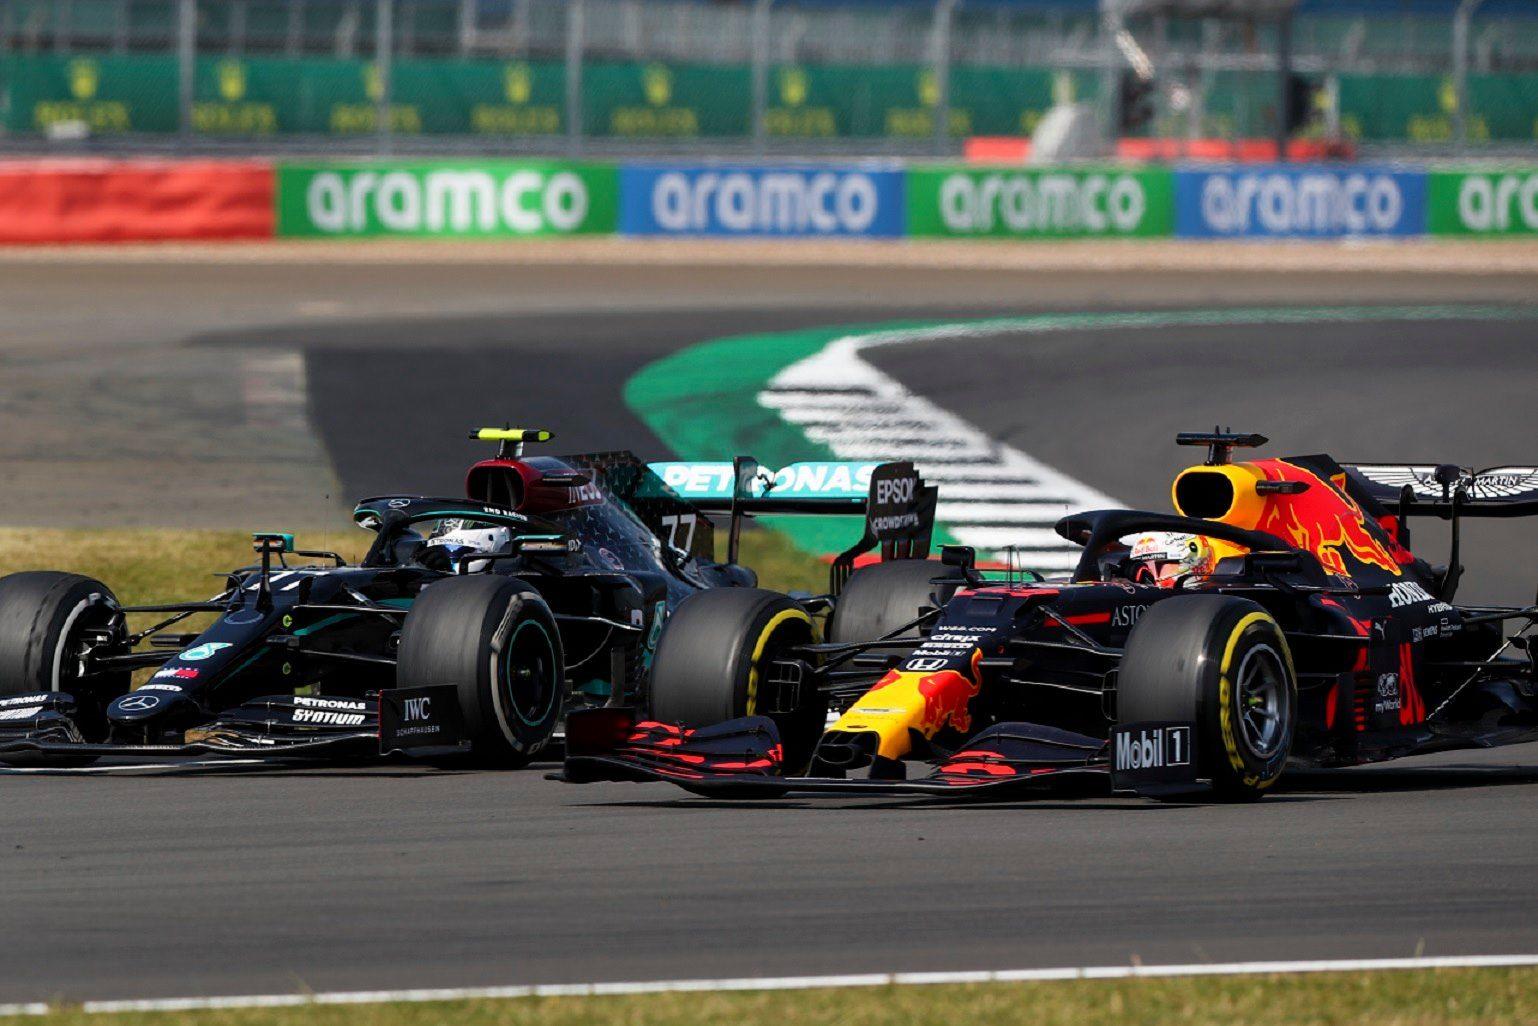 Hamilton giành chiến thắng dễ dàng tại Barcelona -0